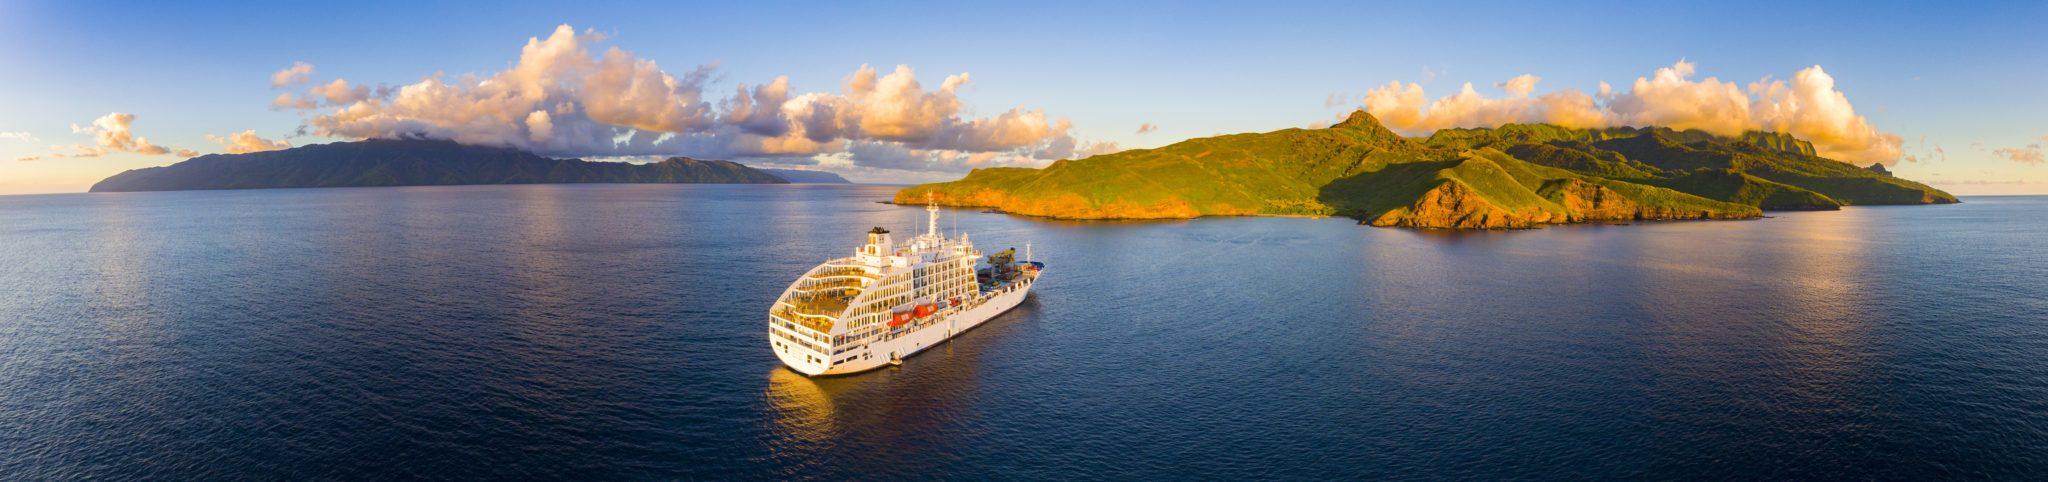 Vue panoramique navire Aranui